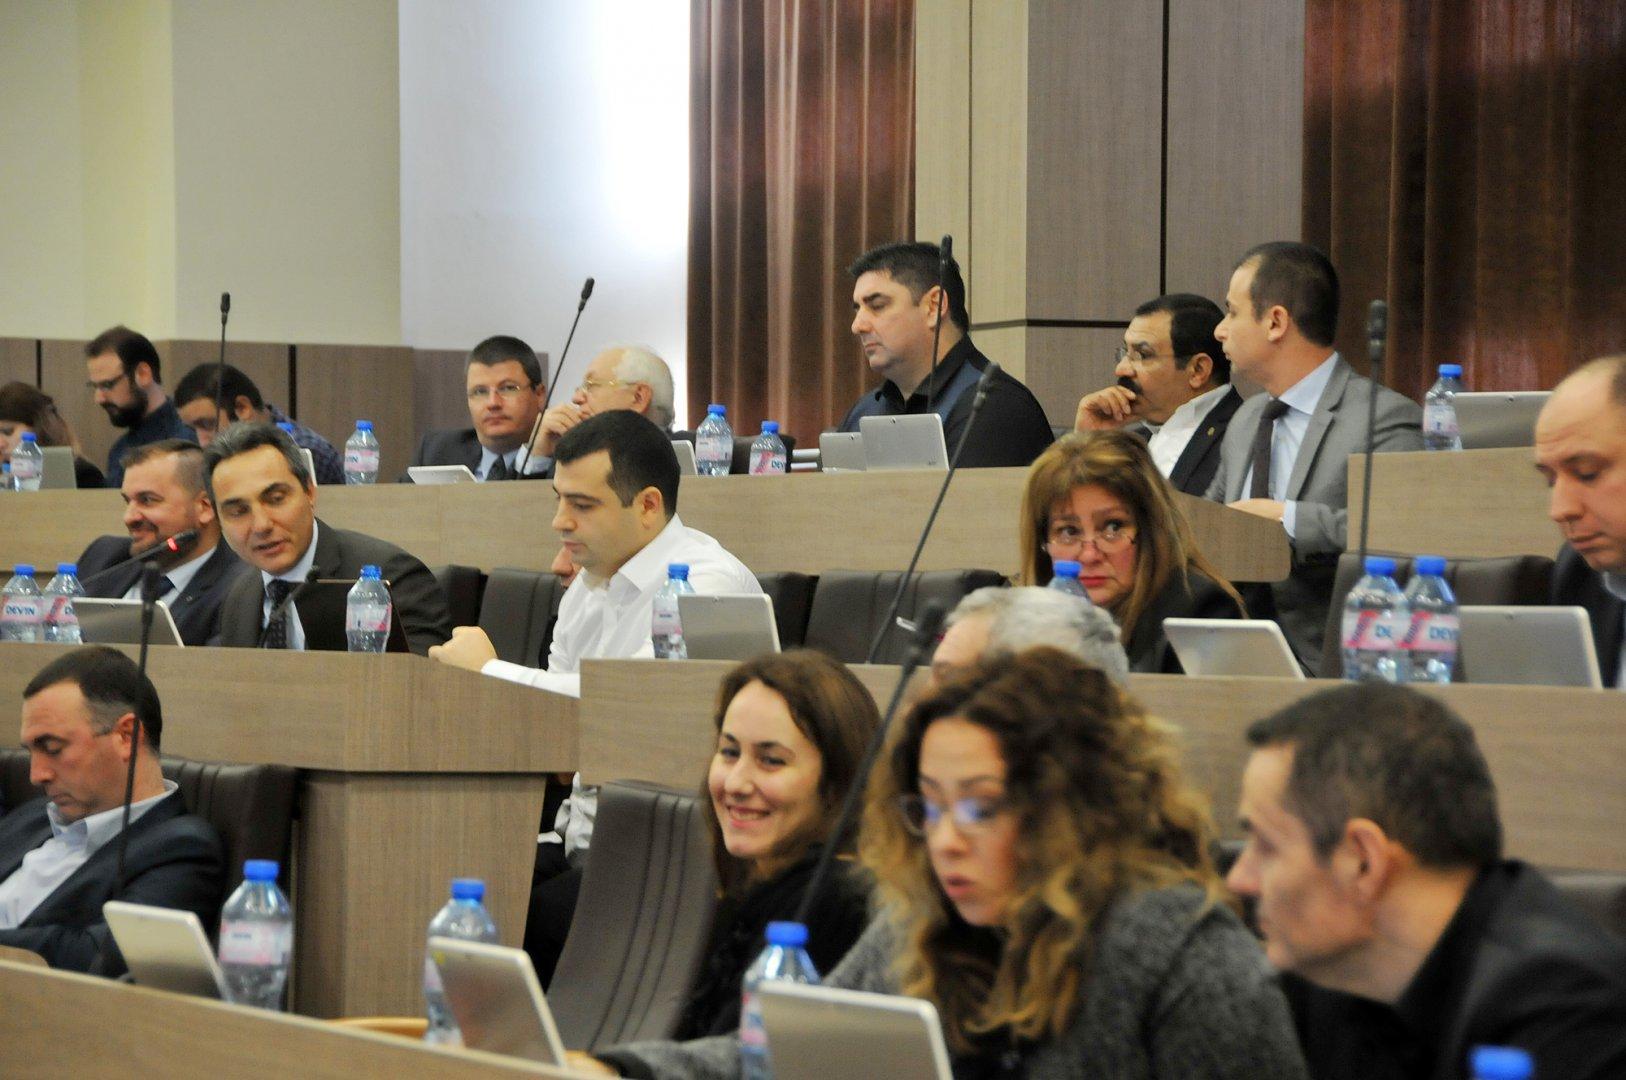 Съветниците от ГЕРБ настояват за устен отговор на поставените въпроси. Снимка Лина Главинова